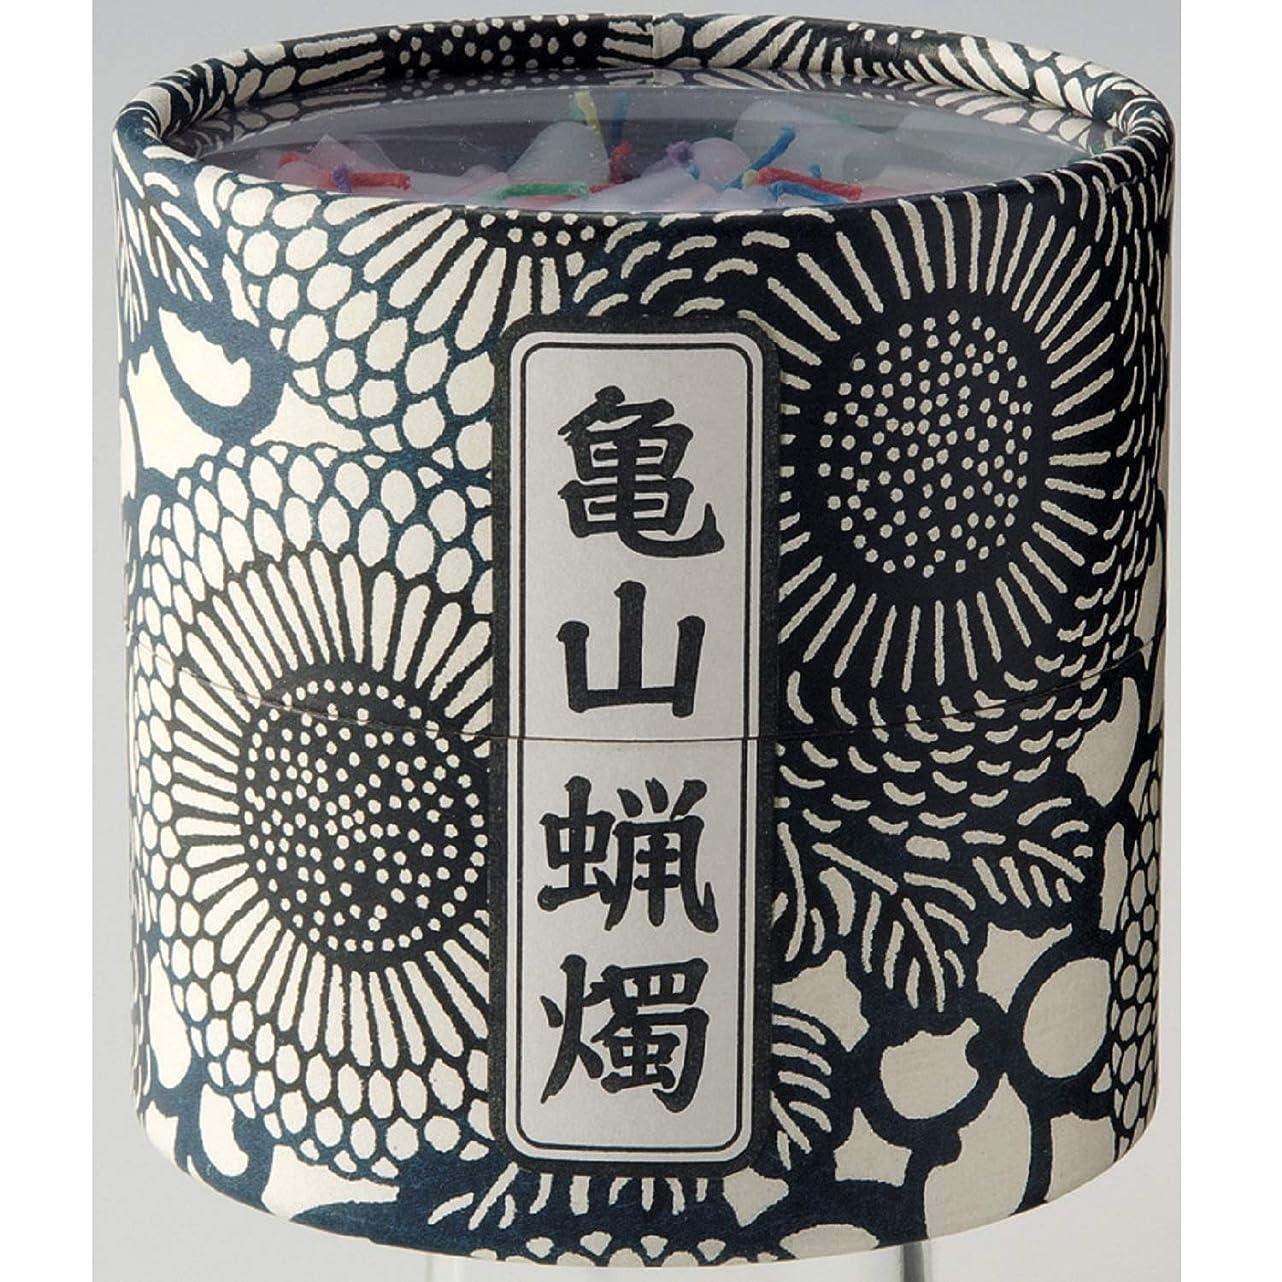 回るご意見物質亀山五色蝋燭(ローソク)約300本入り